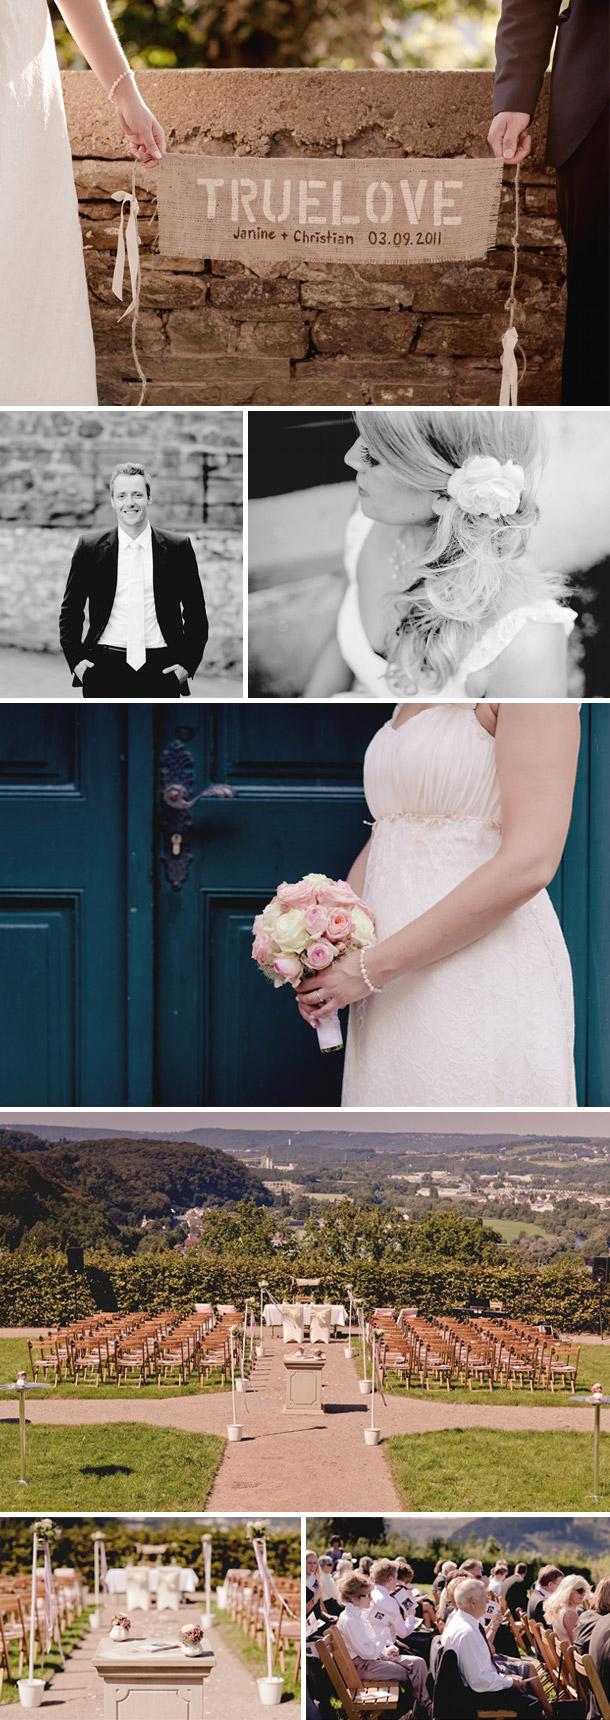 Janine und Christians Hochzeit im New York Style bei Lene Photography